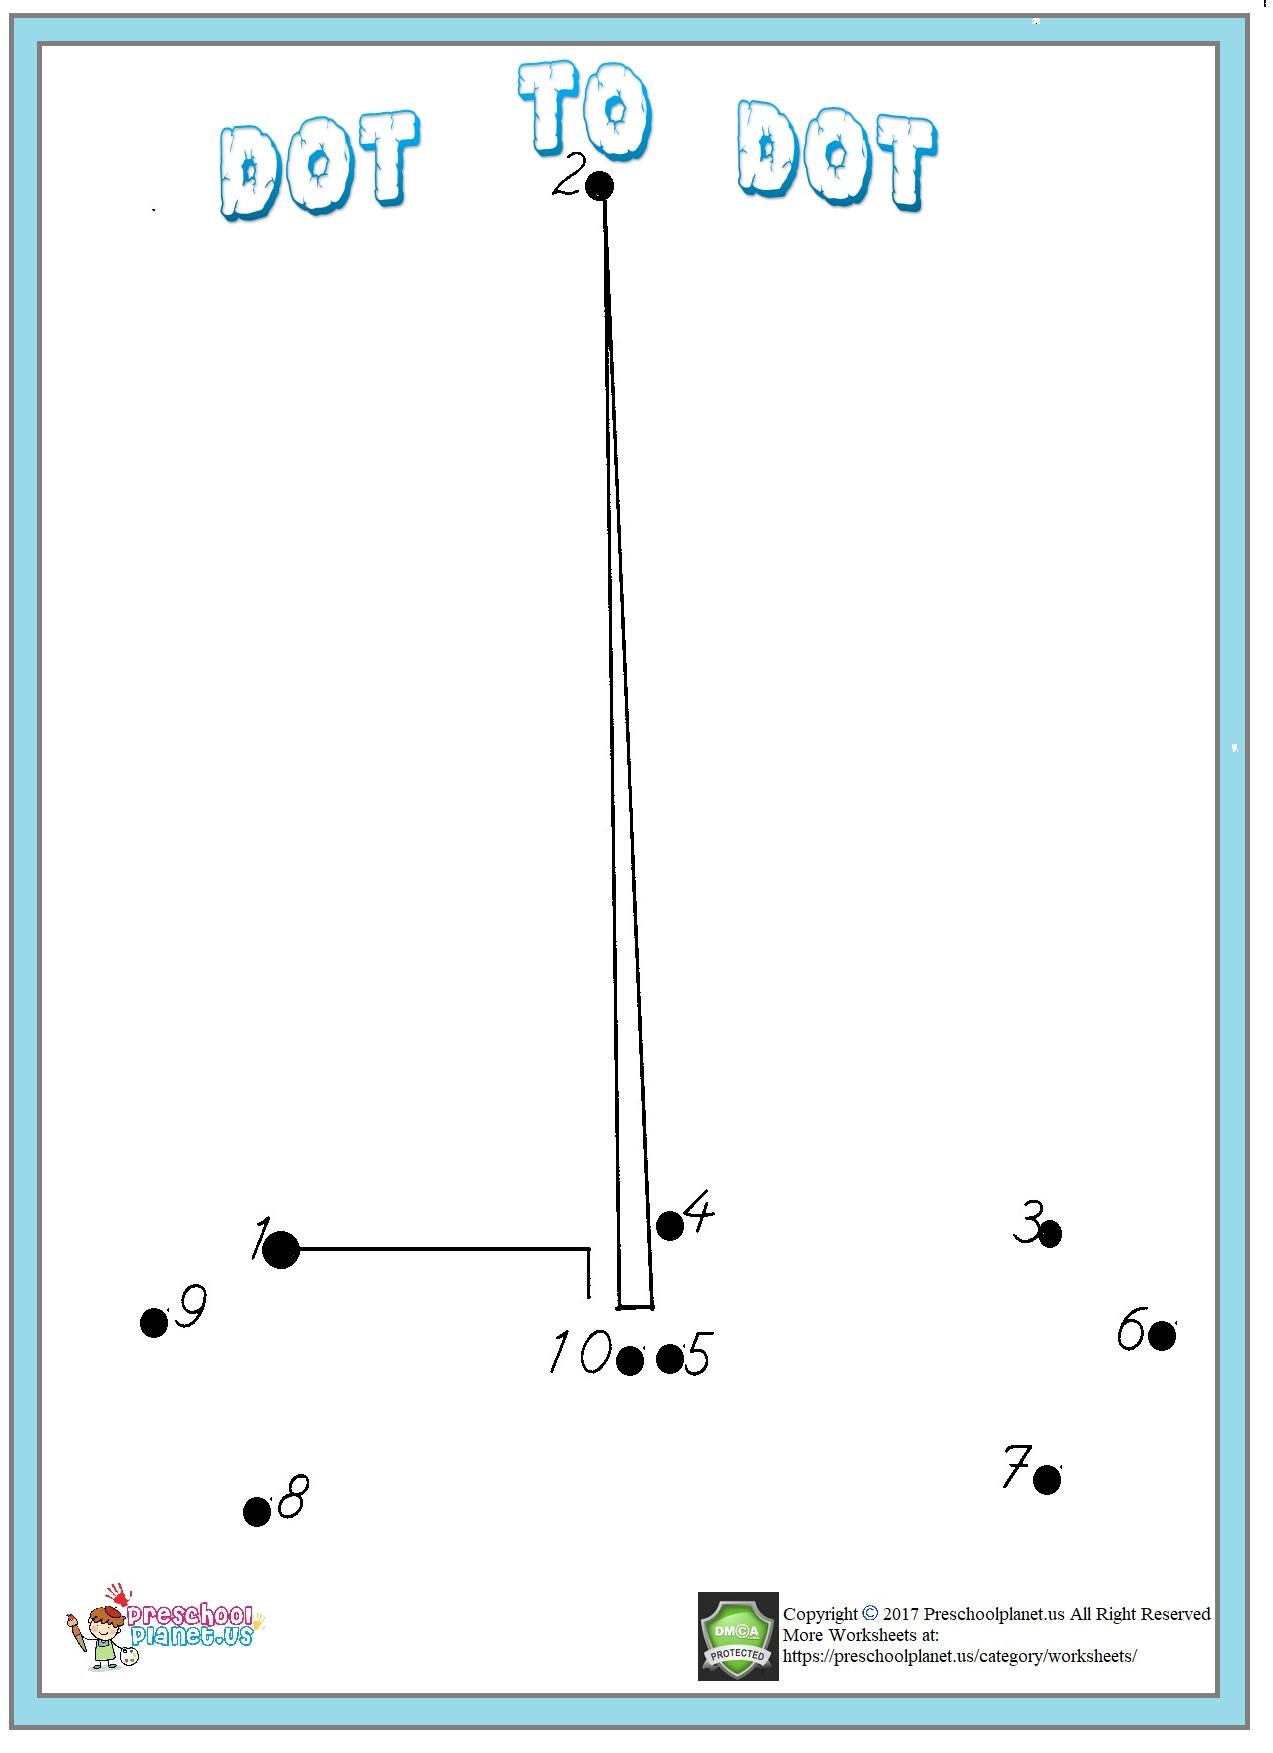 dot to dot worksheet